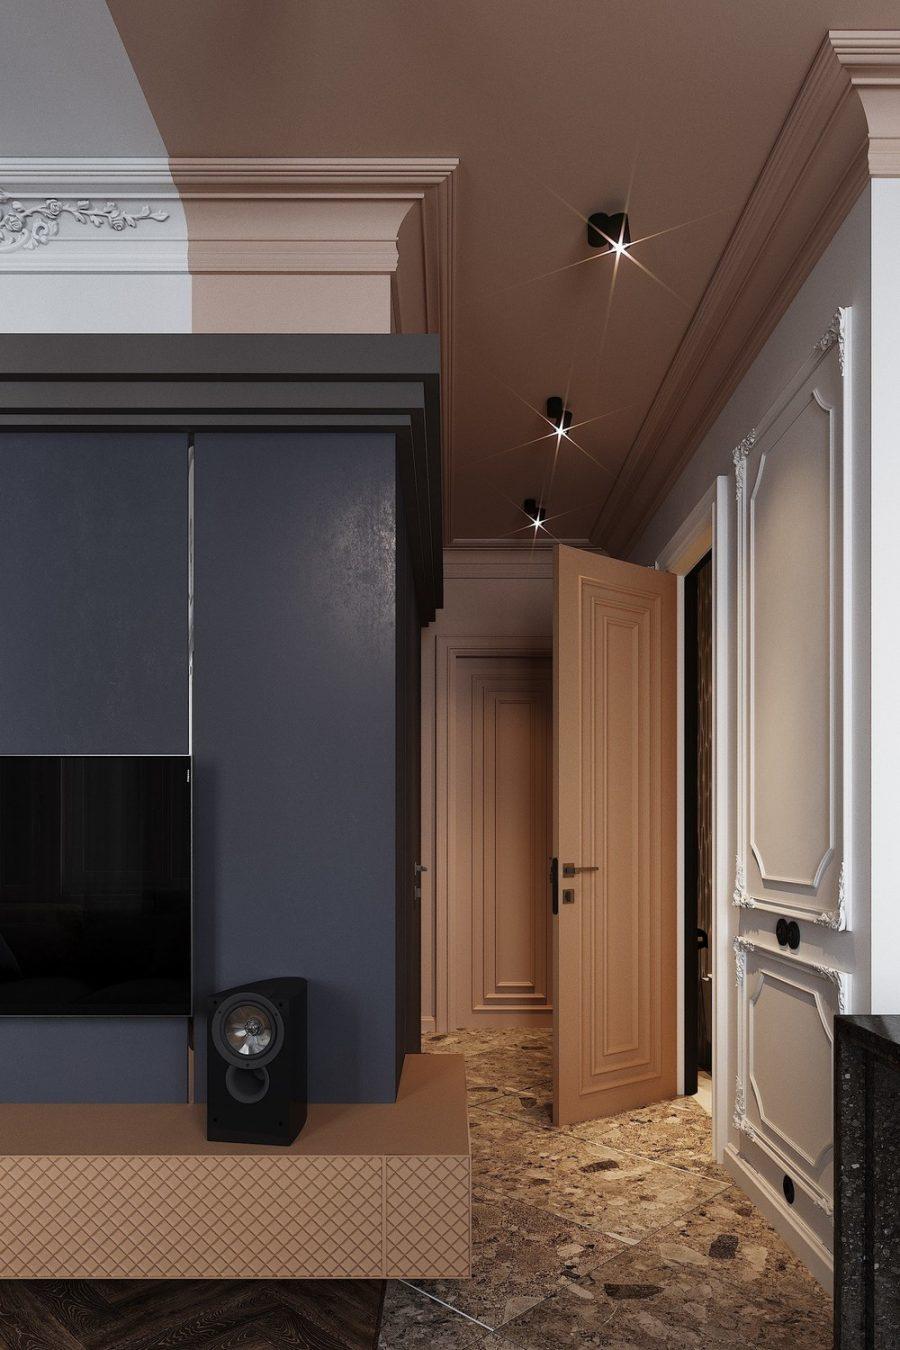 Малък апартамент с интересен интериор, вдъхновен от Москва и Париж